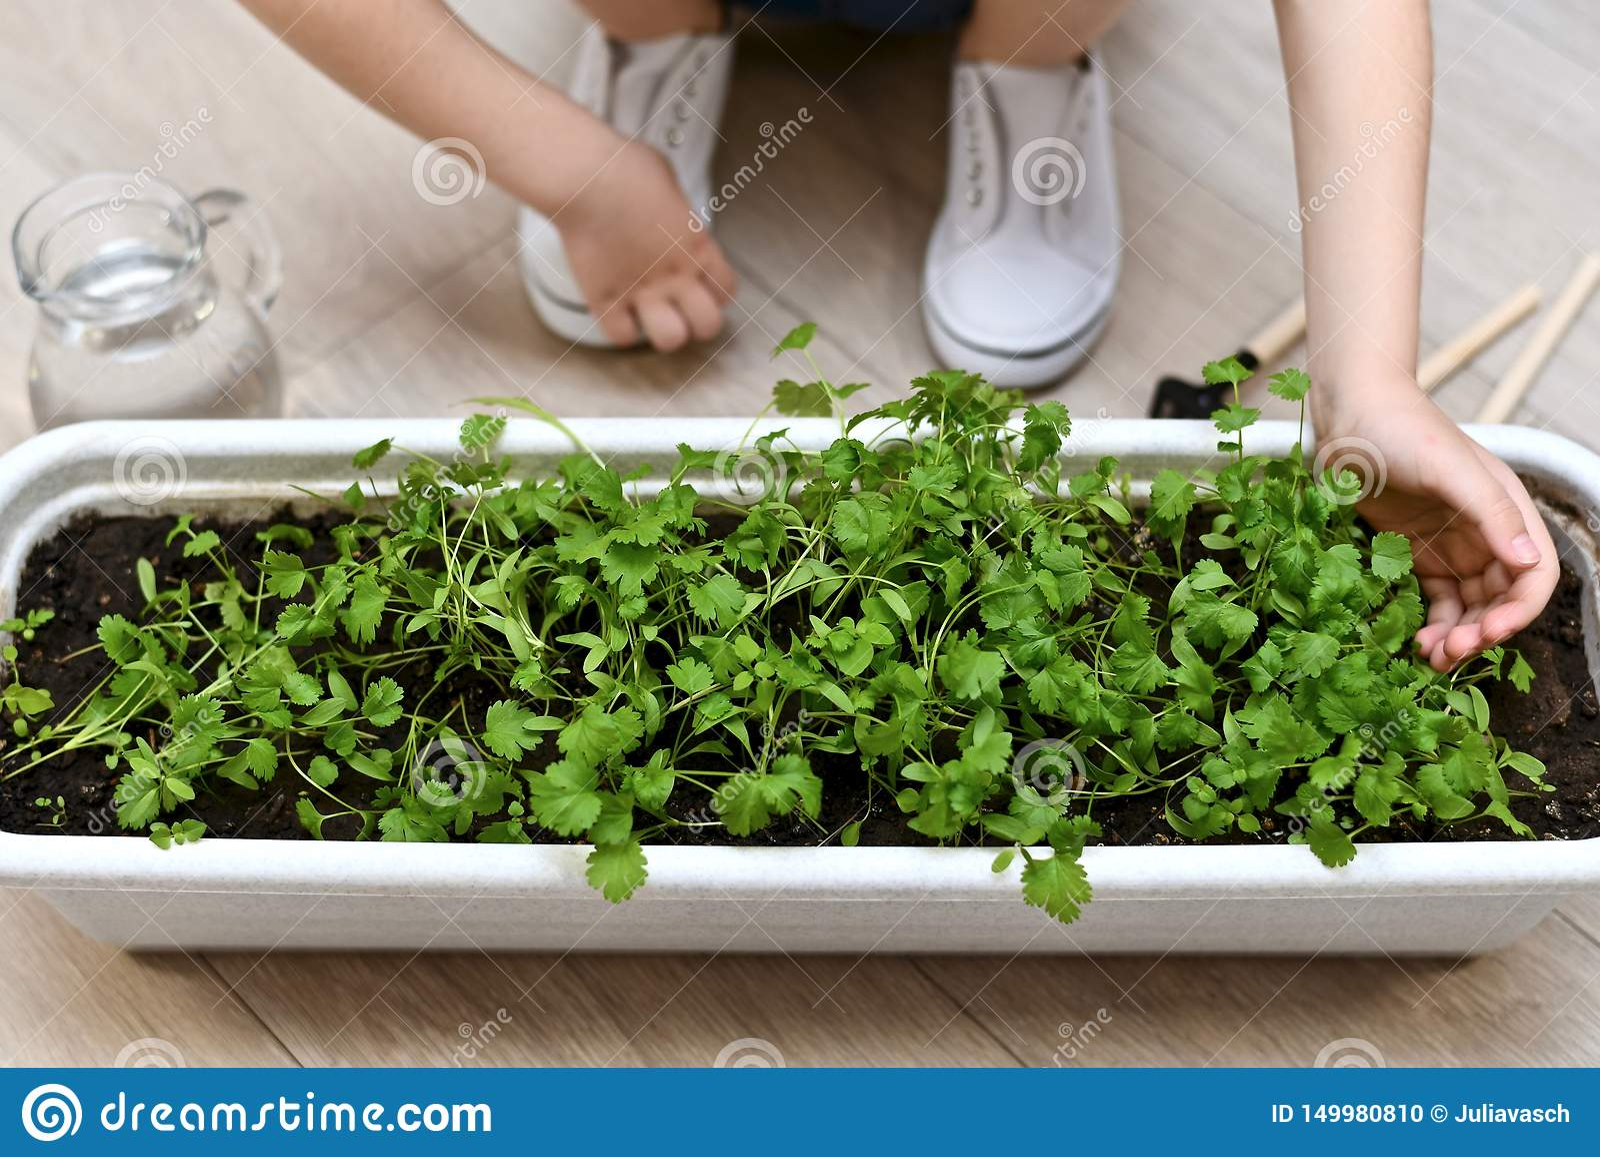 Il bambino tocca delicatamente i tiri di pianta